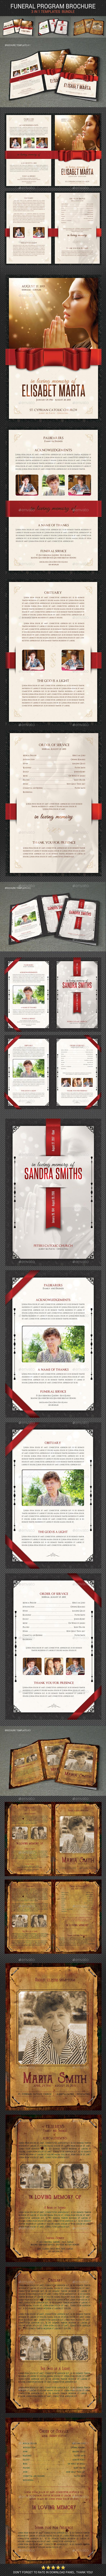 Funeral Program Brochure Bundle - Informational Brochures